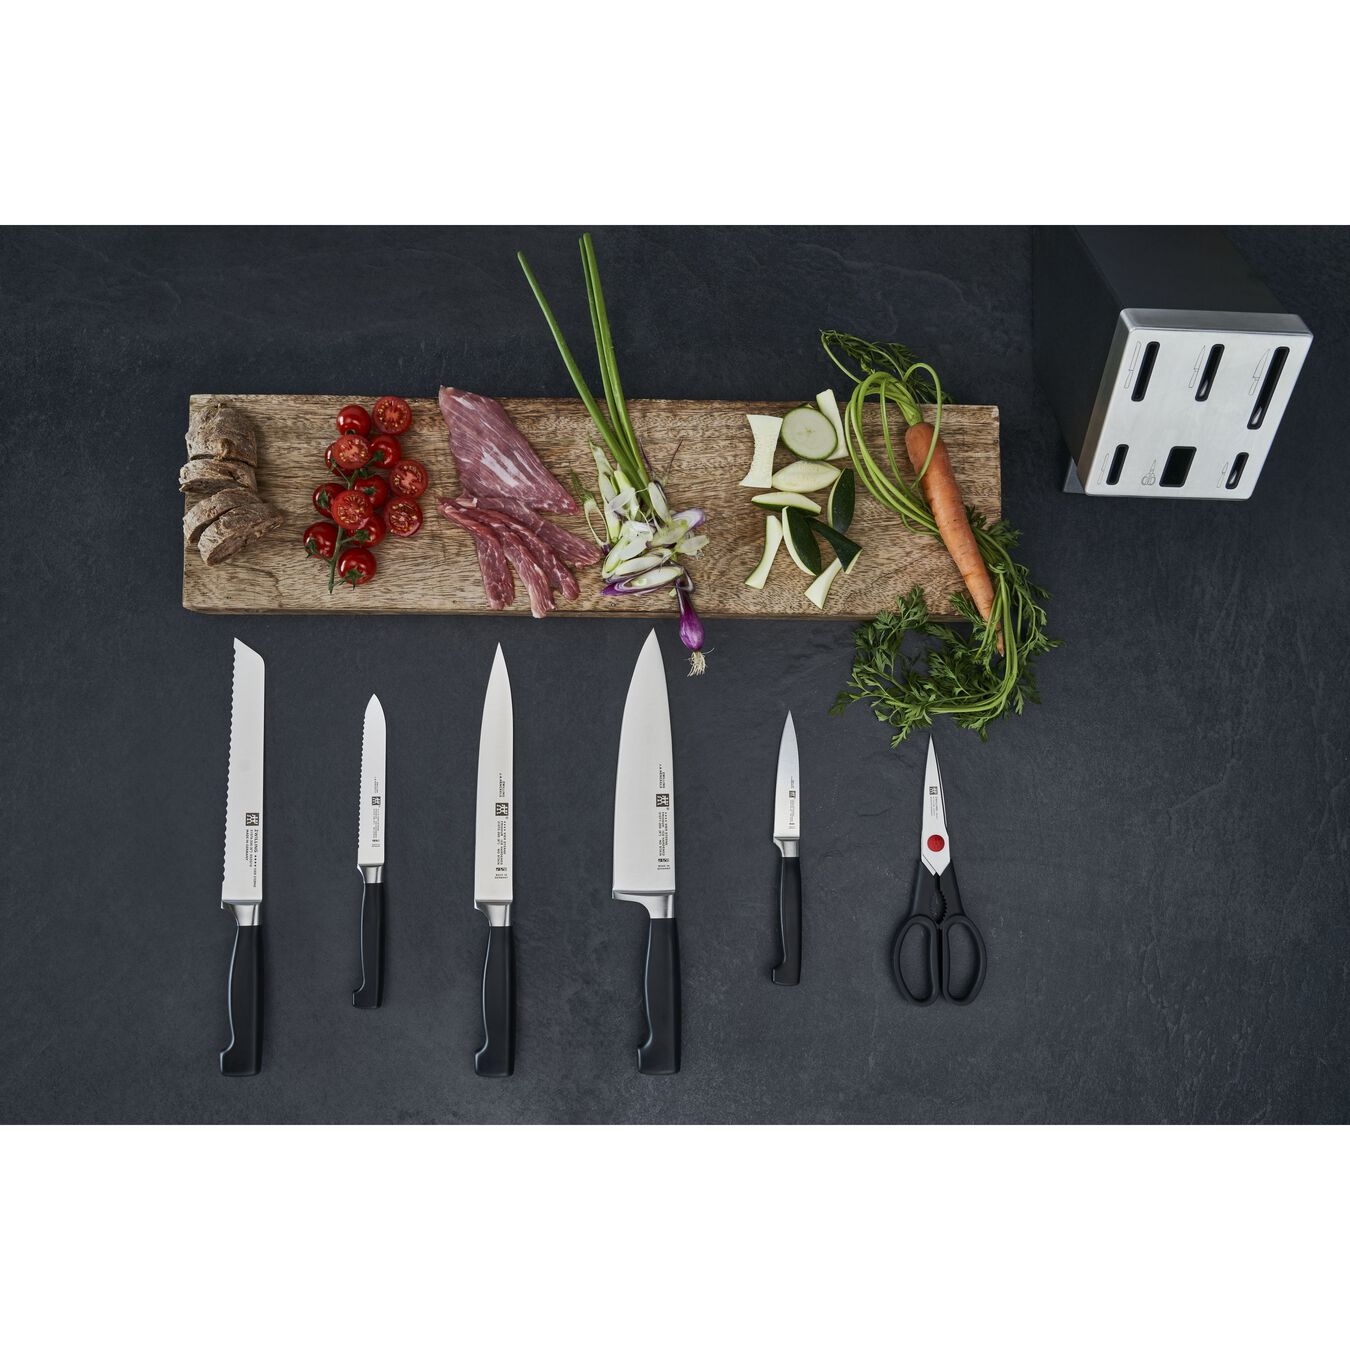 Set di coltelli con ceppo con sistema autoaffilante - 7-pz., grigio,,large 4